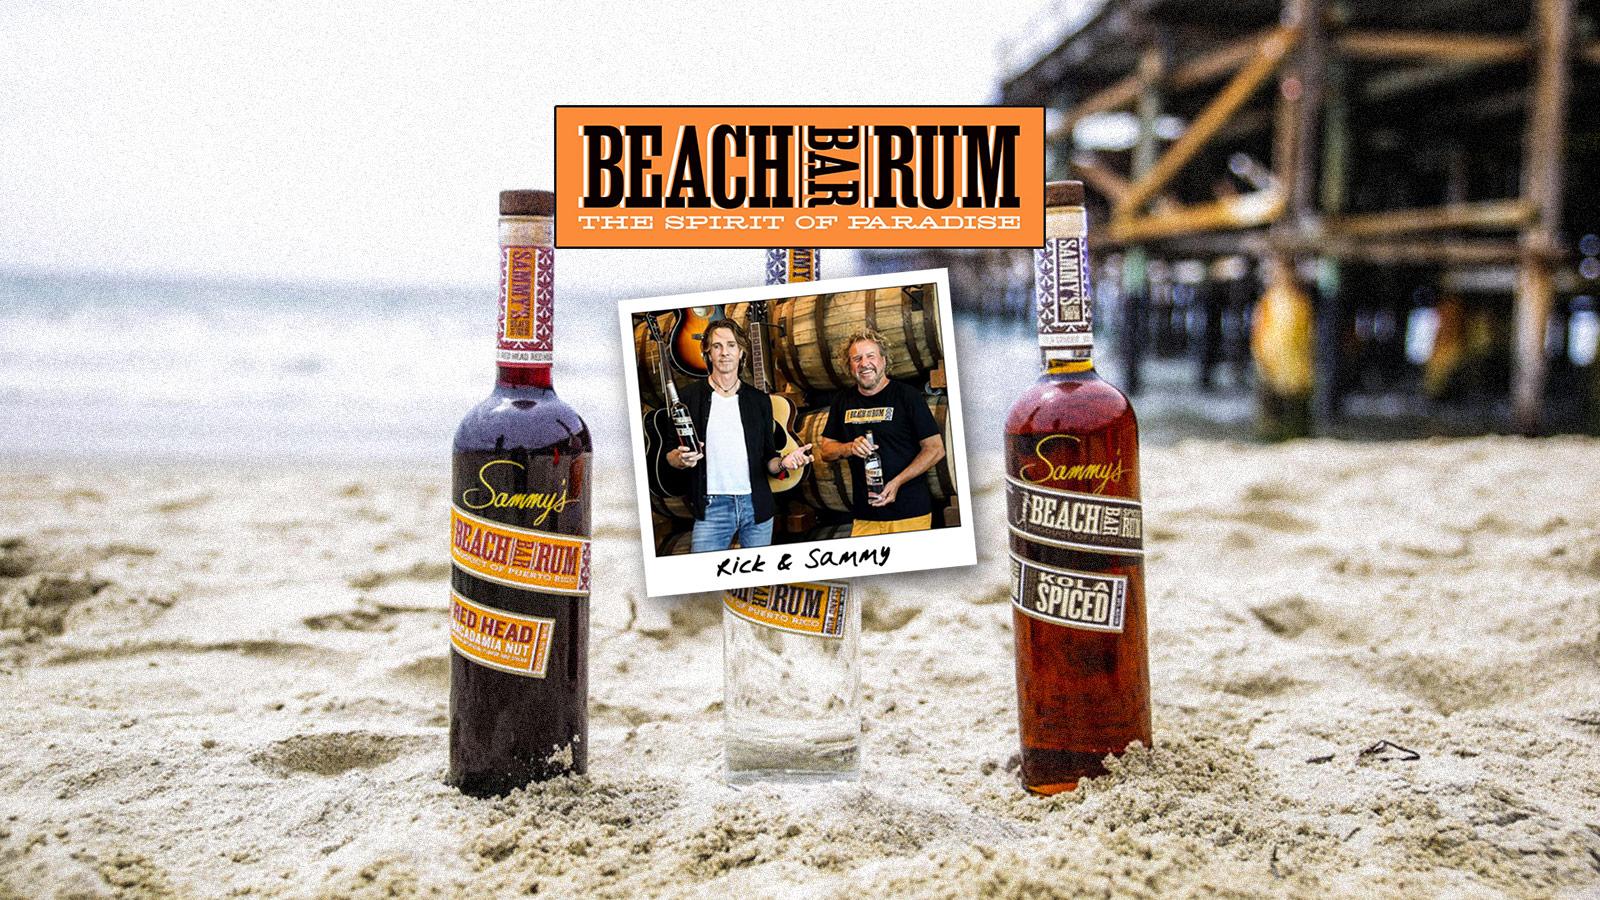 Beach Bar Rum